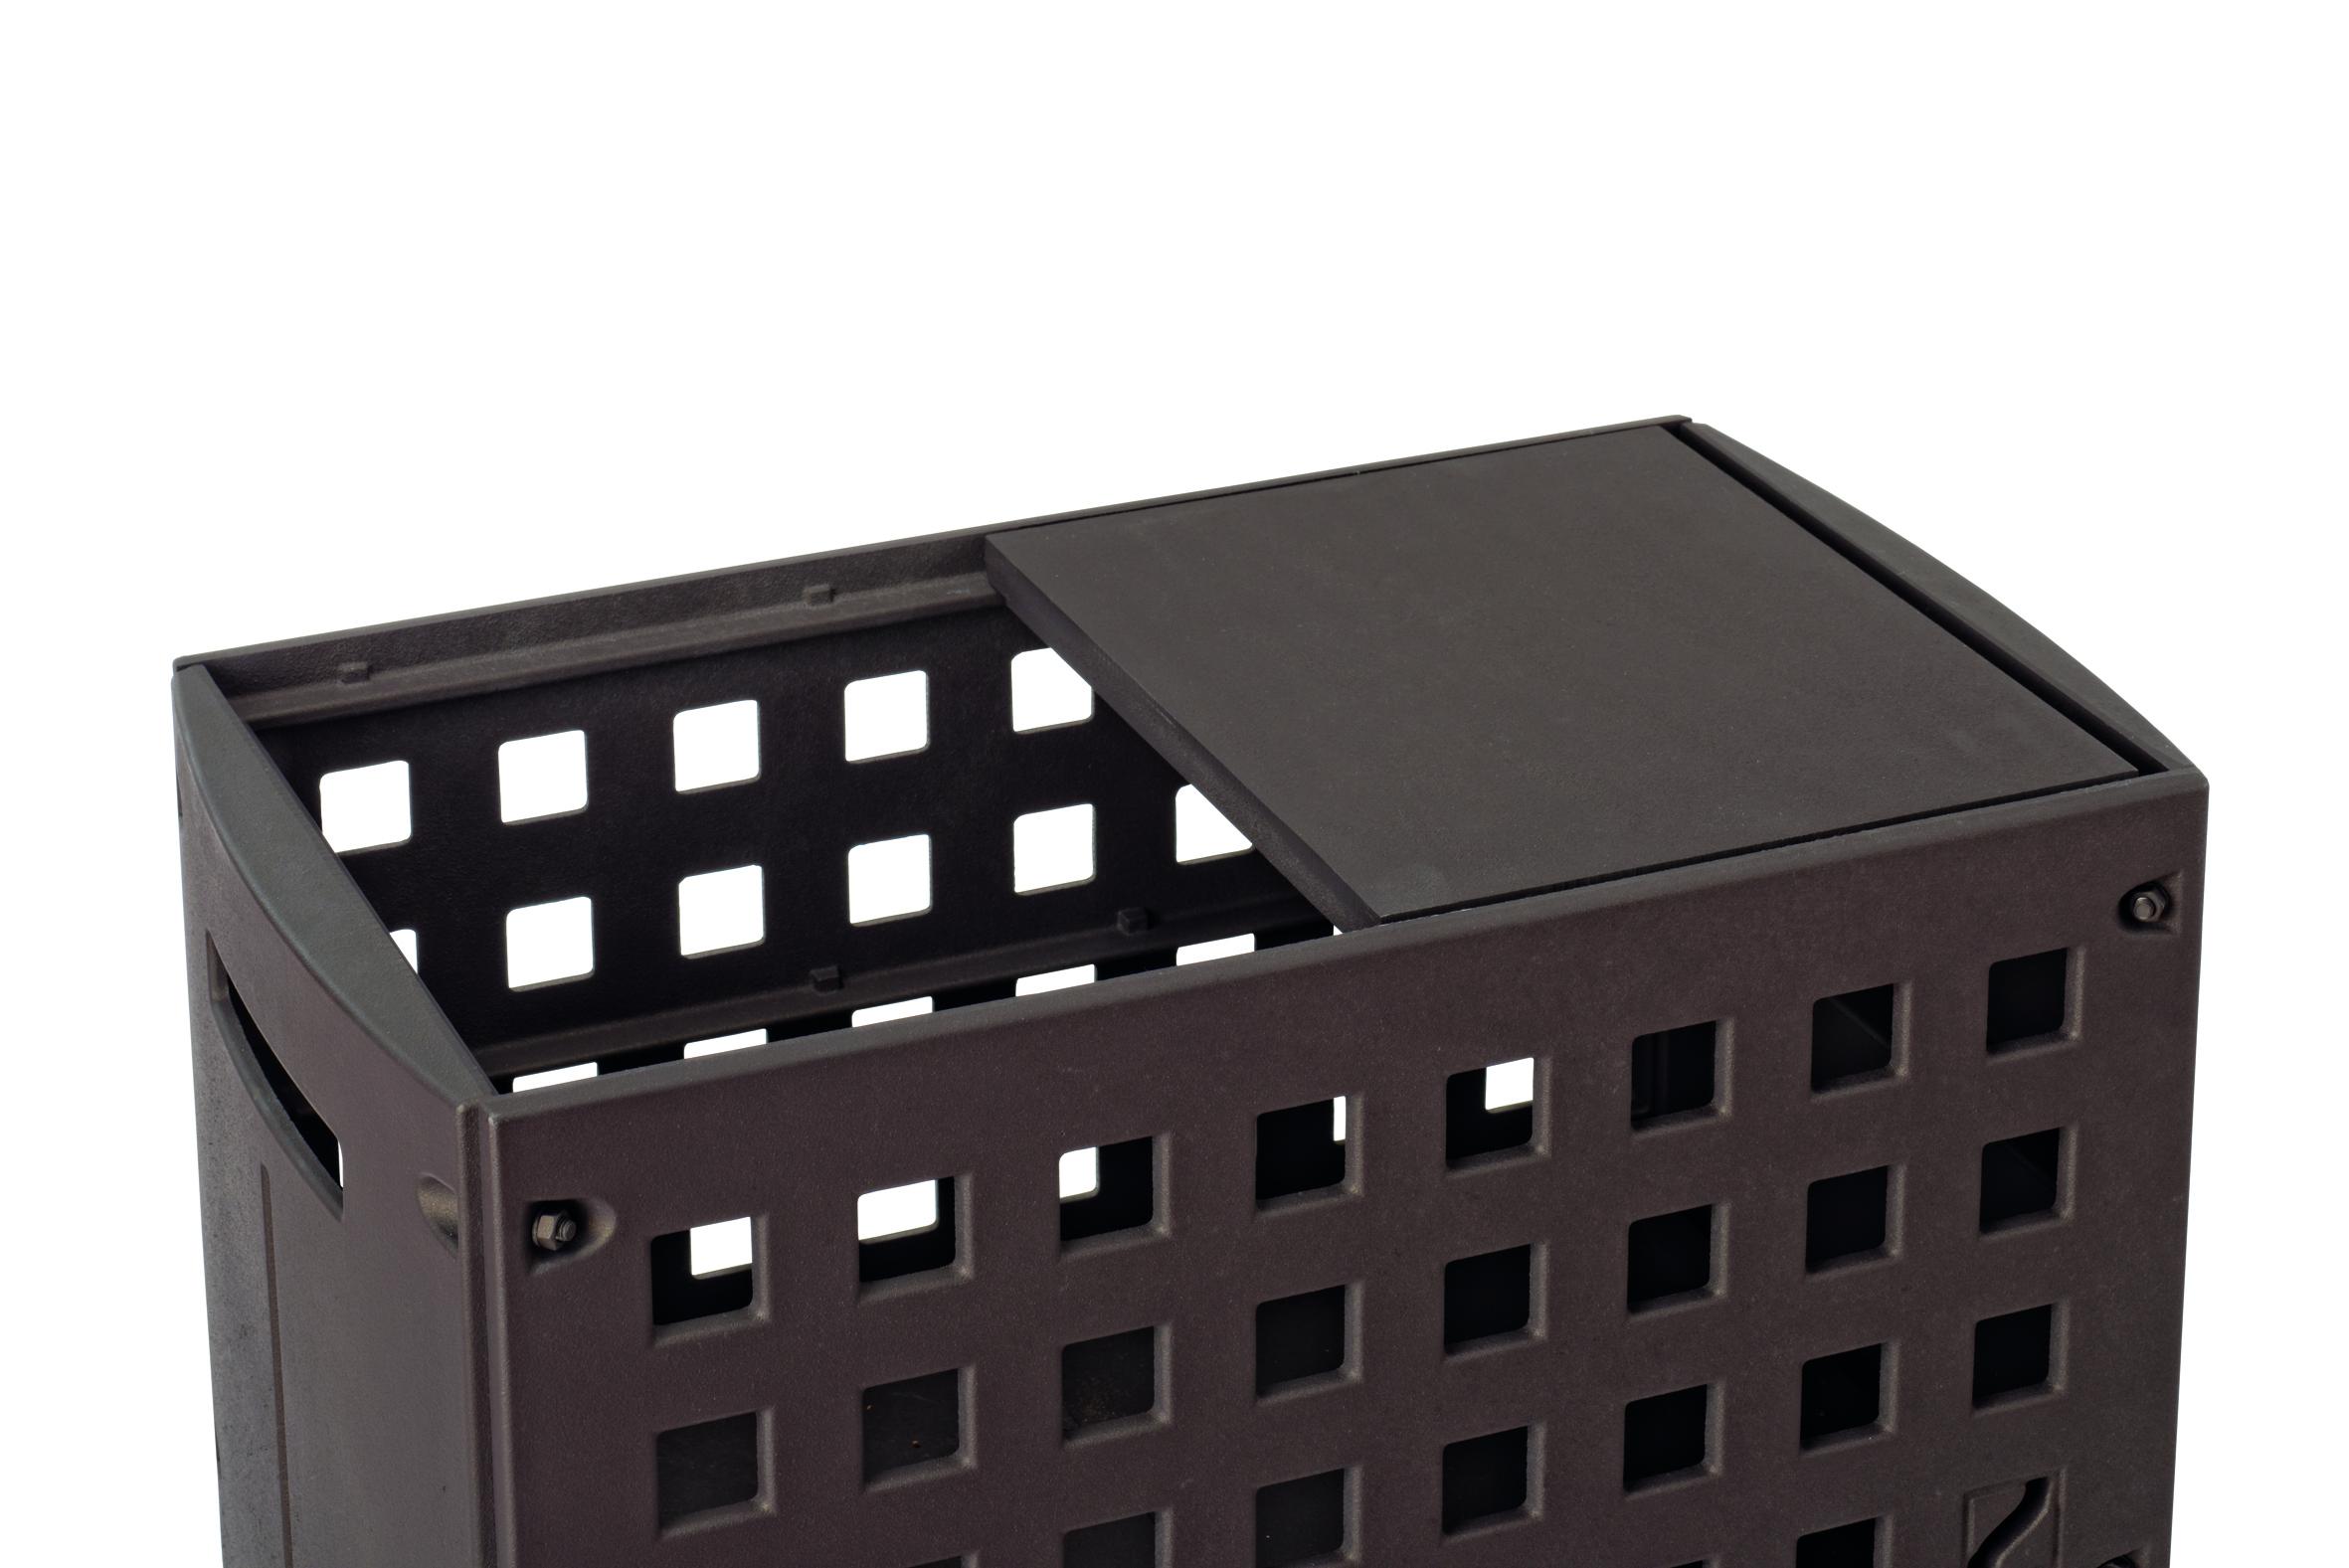 Koch-/ Grillplatte für OutFire Guss-Feuerbox